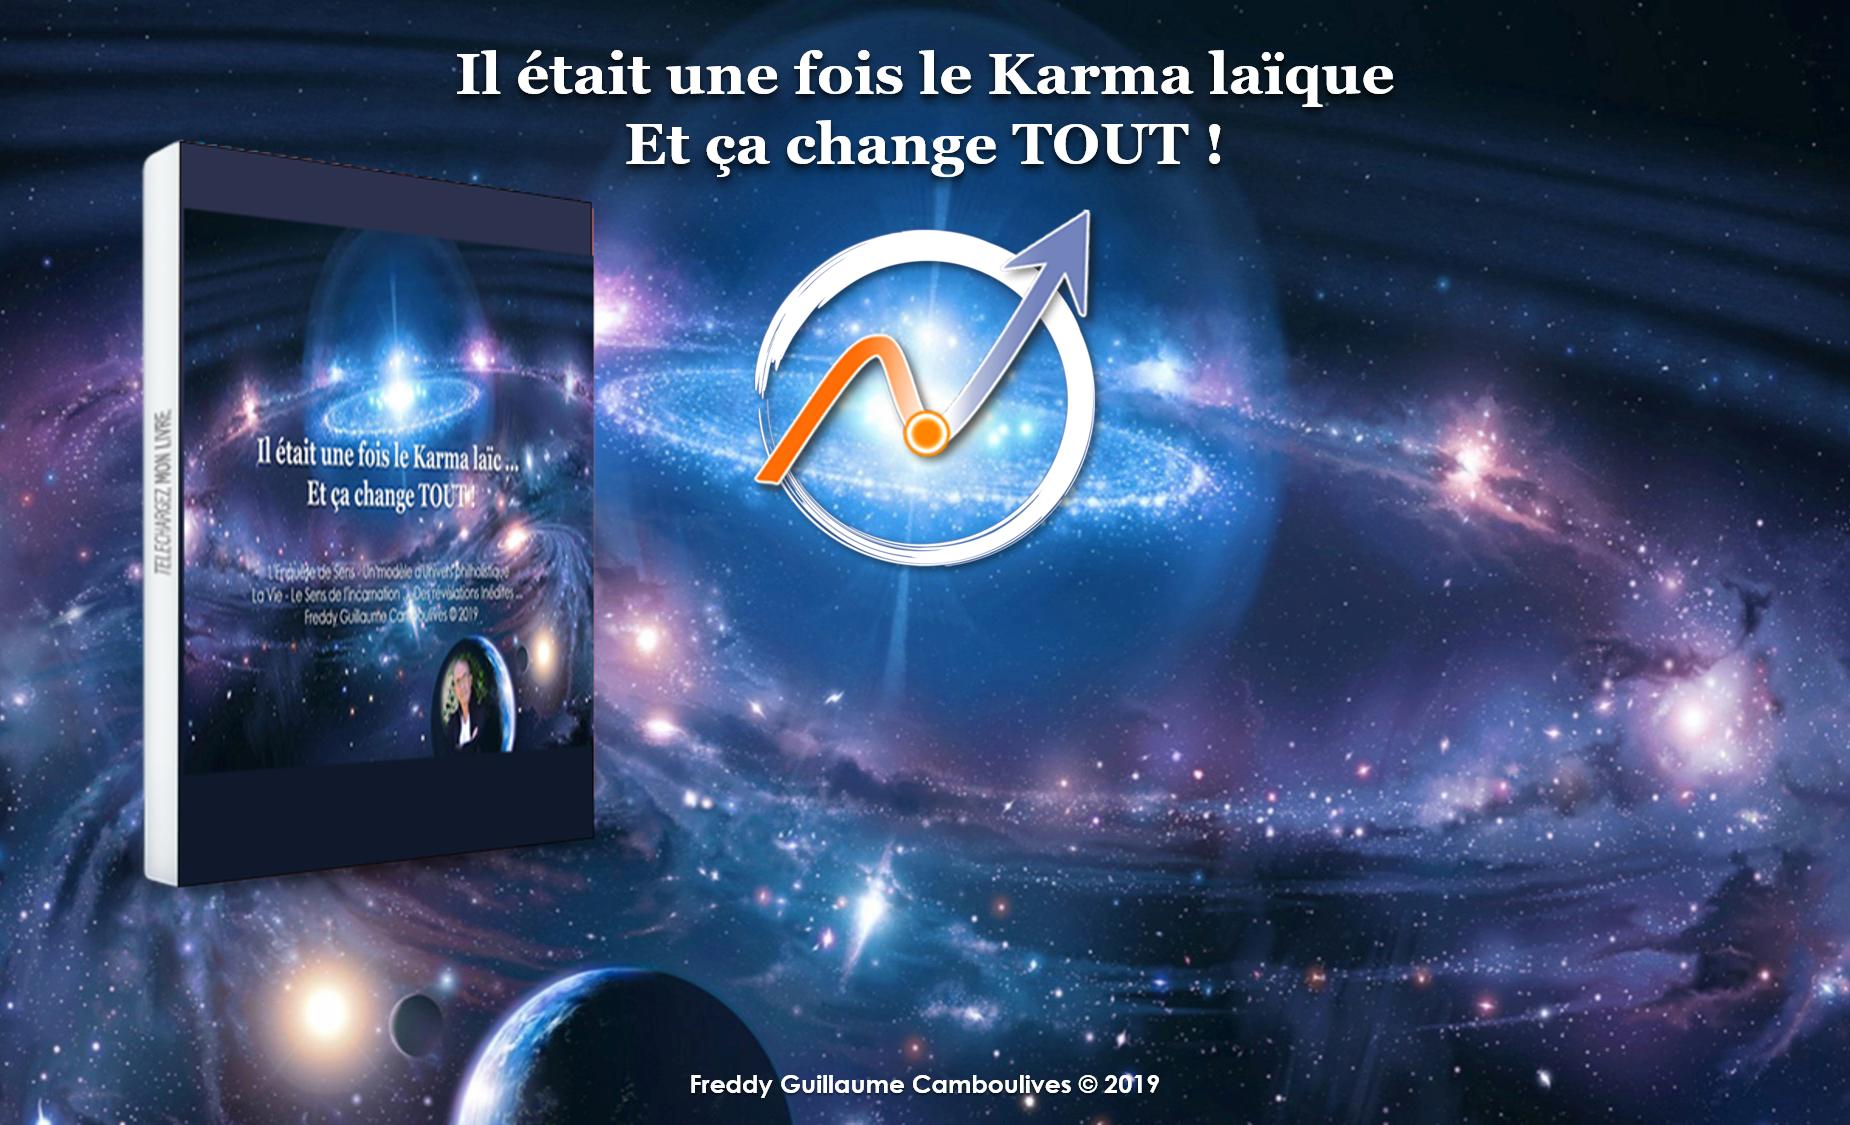 IL ÉTAIT UNE FOIS LE KARMA LAÏQUE  … ET ÇA CHANGE TOUT !